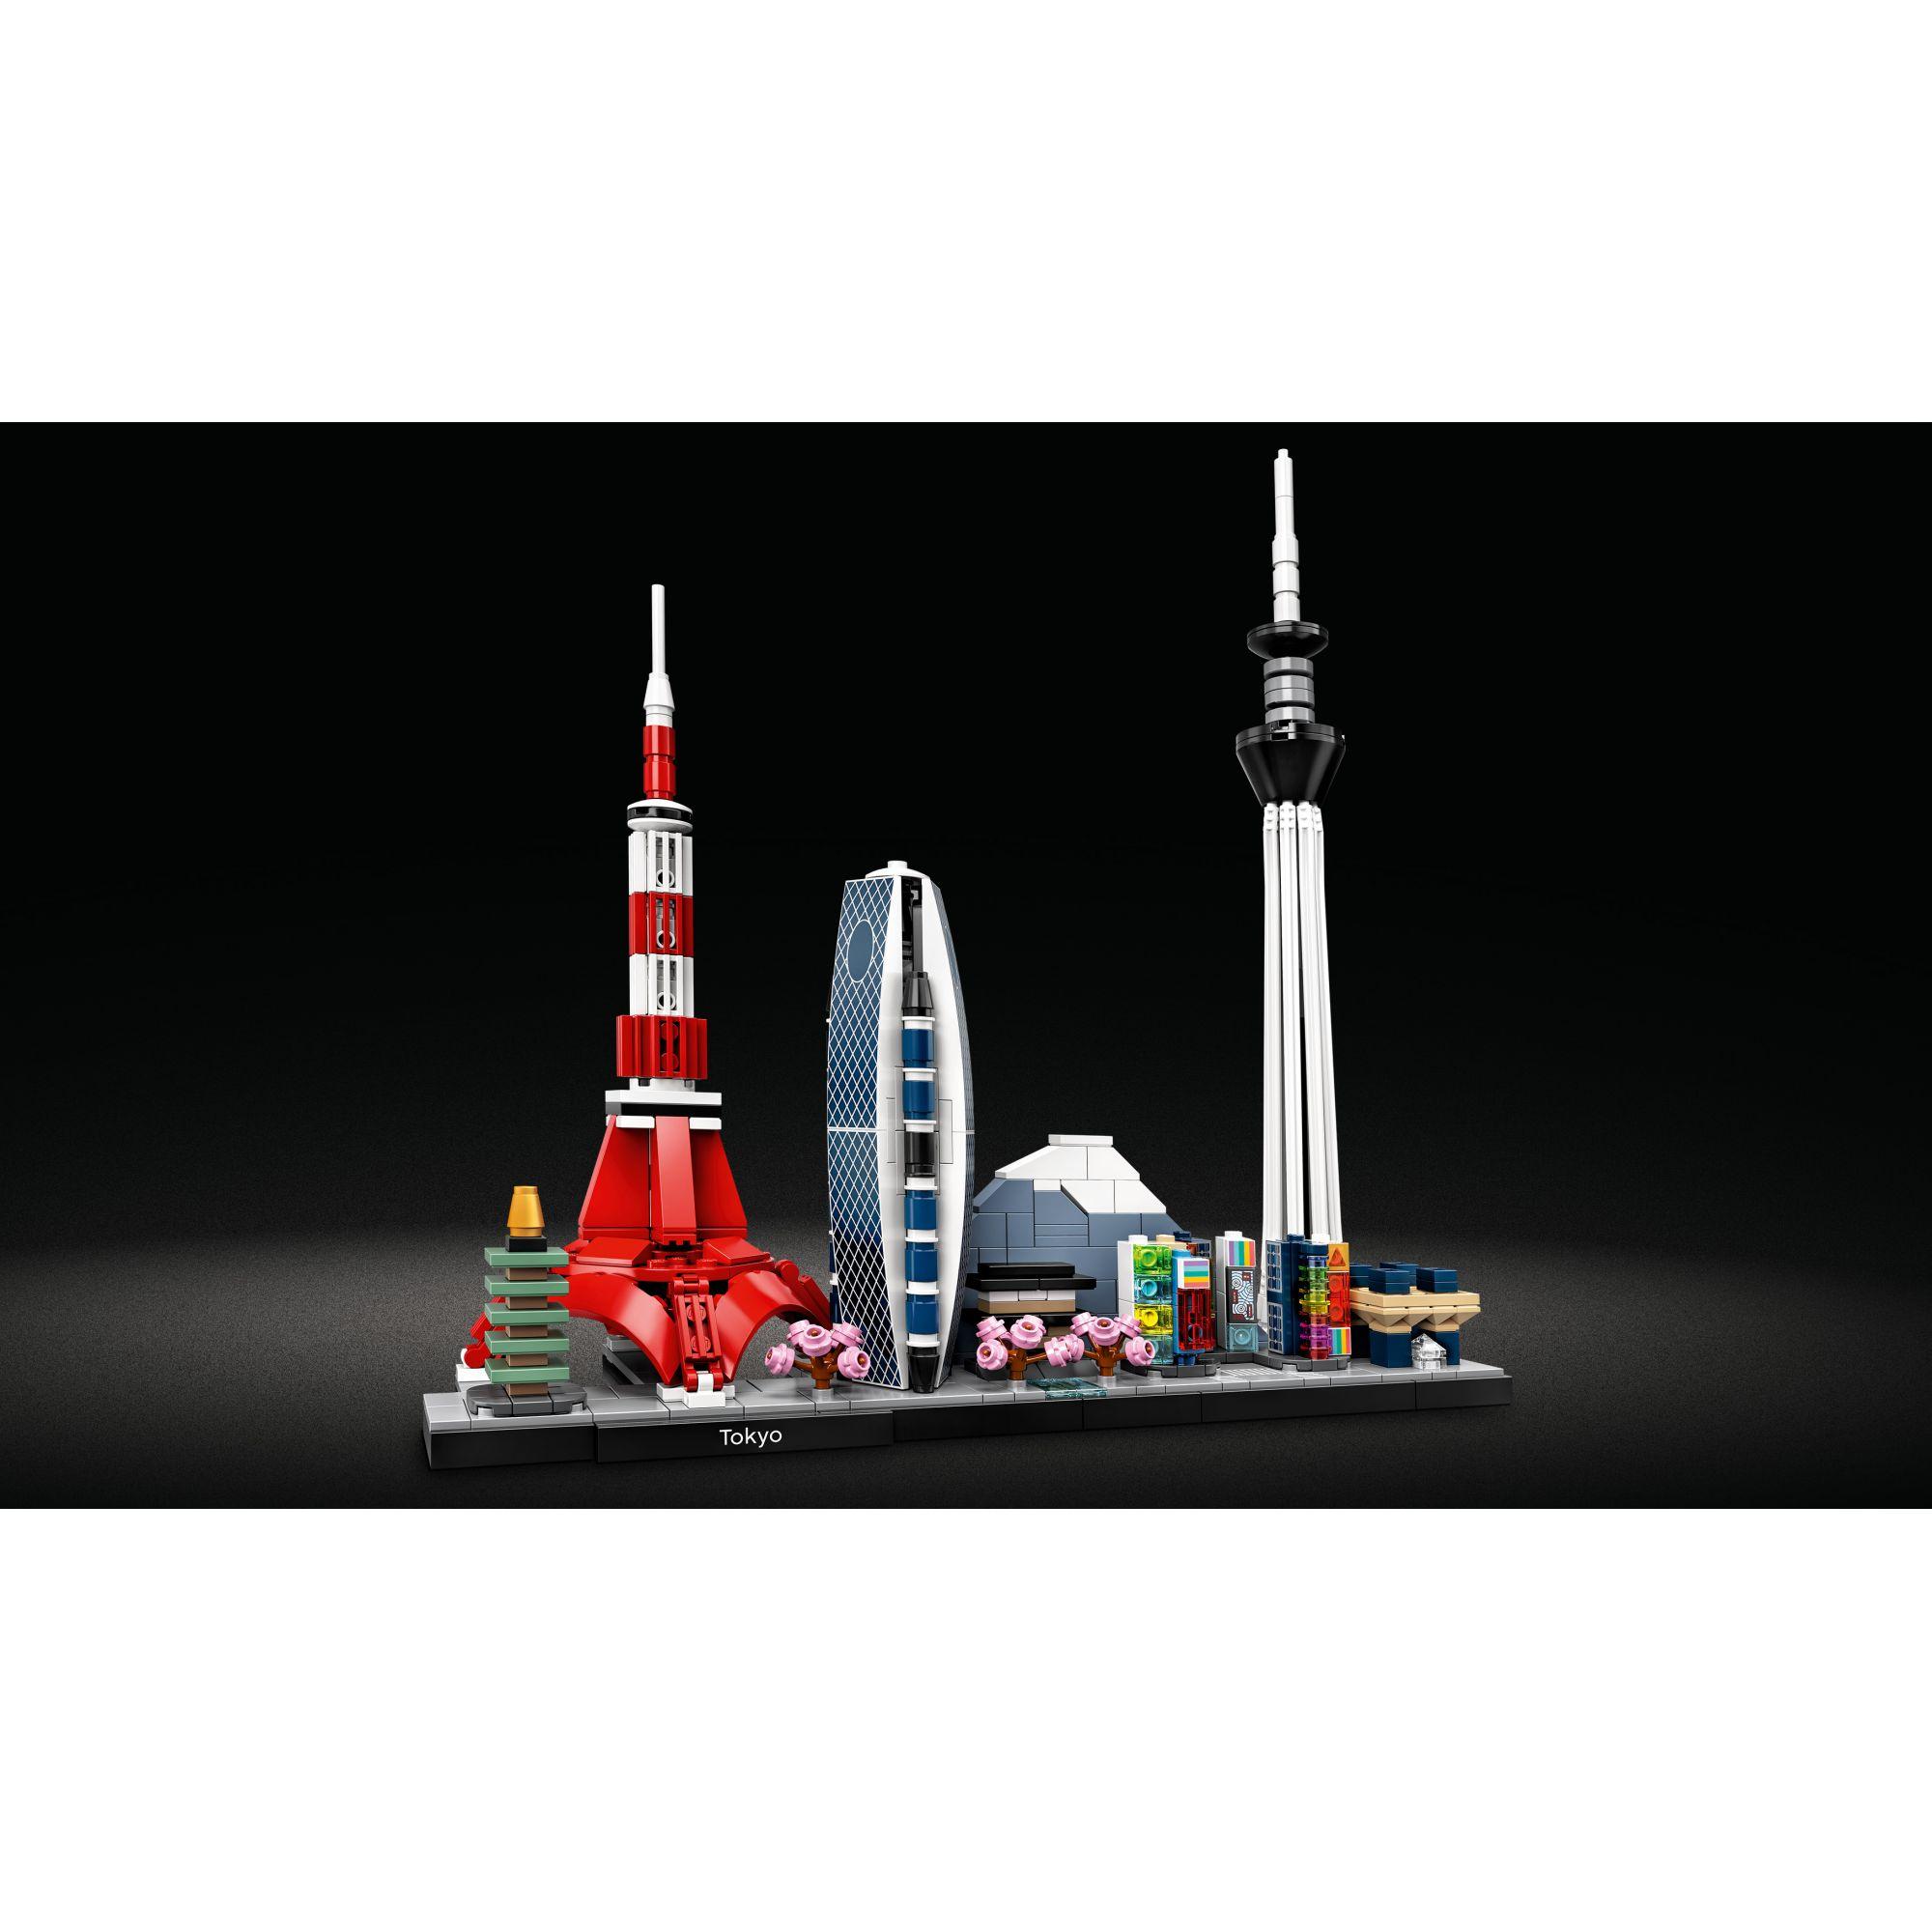 LEGO ARCHITECTURE   LEGO Architecture Tokyo - 21051